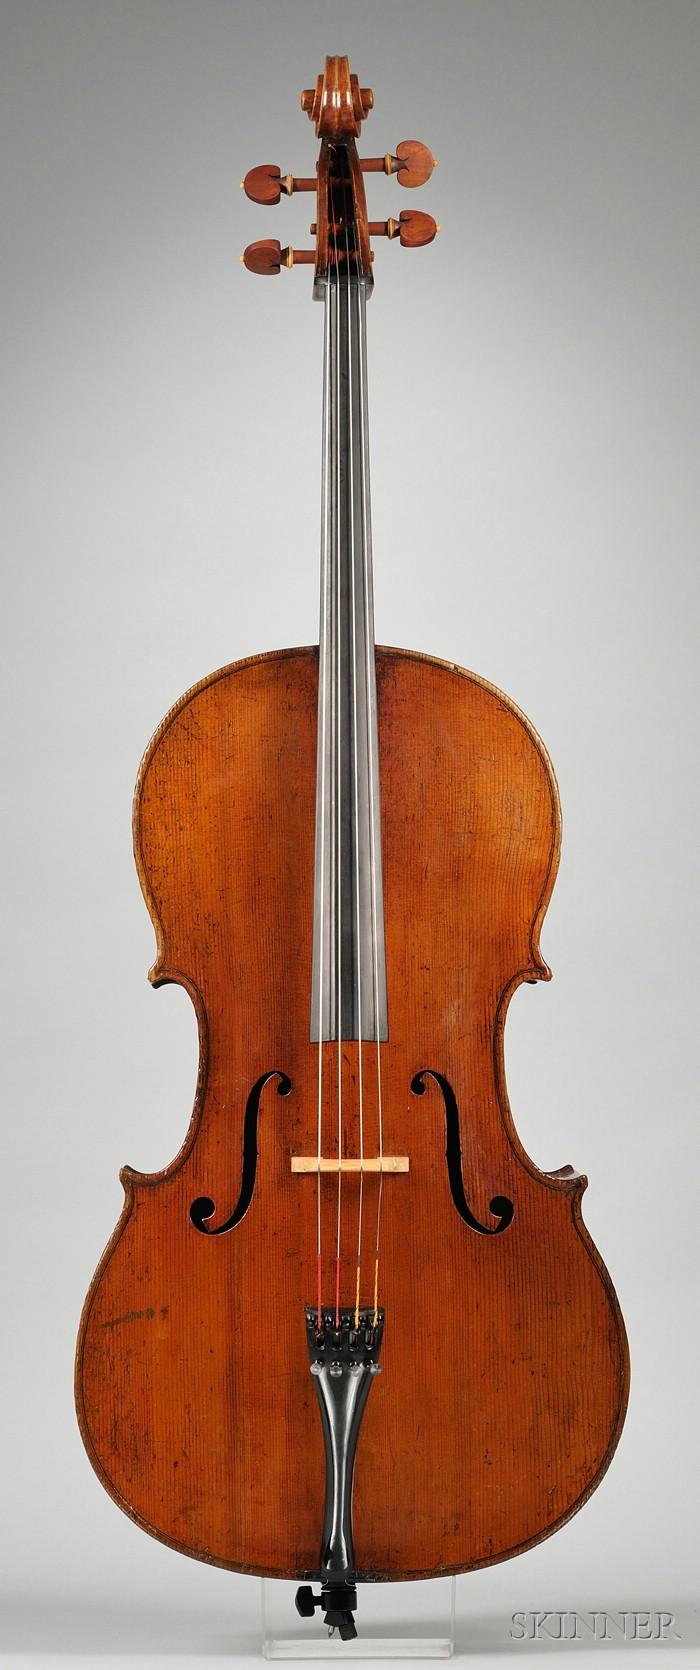 Northern Italian Violoncello, Storioni School, c. 1800